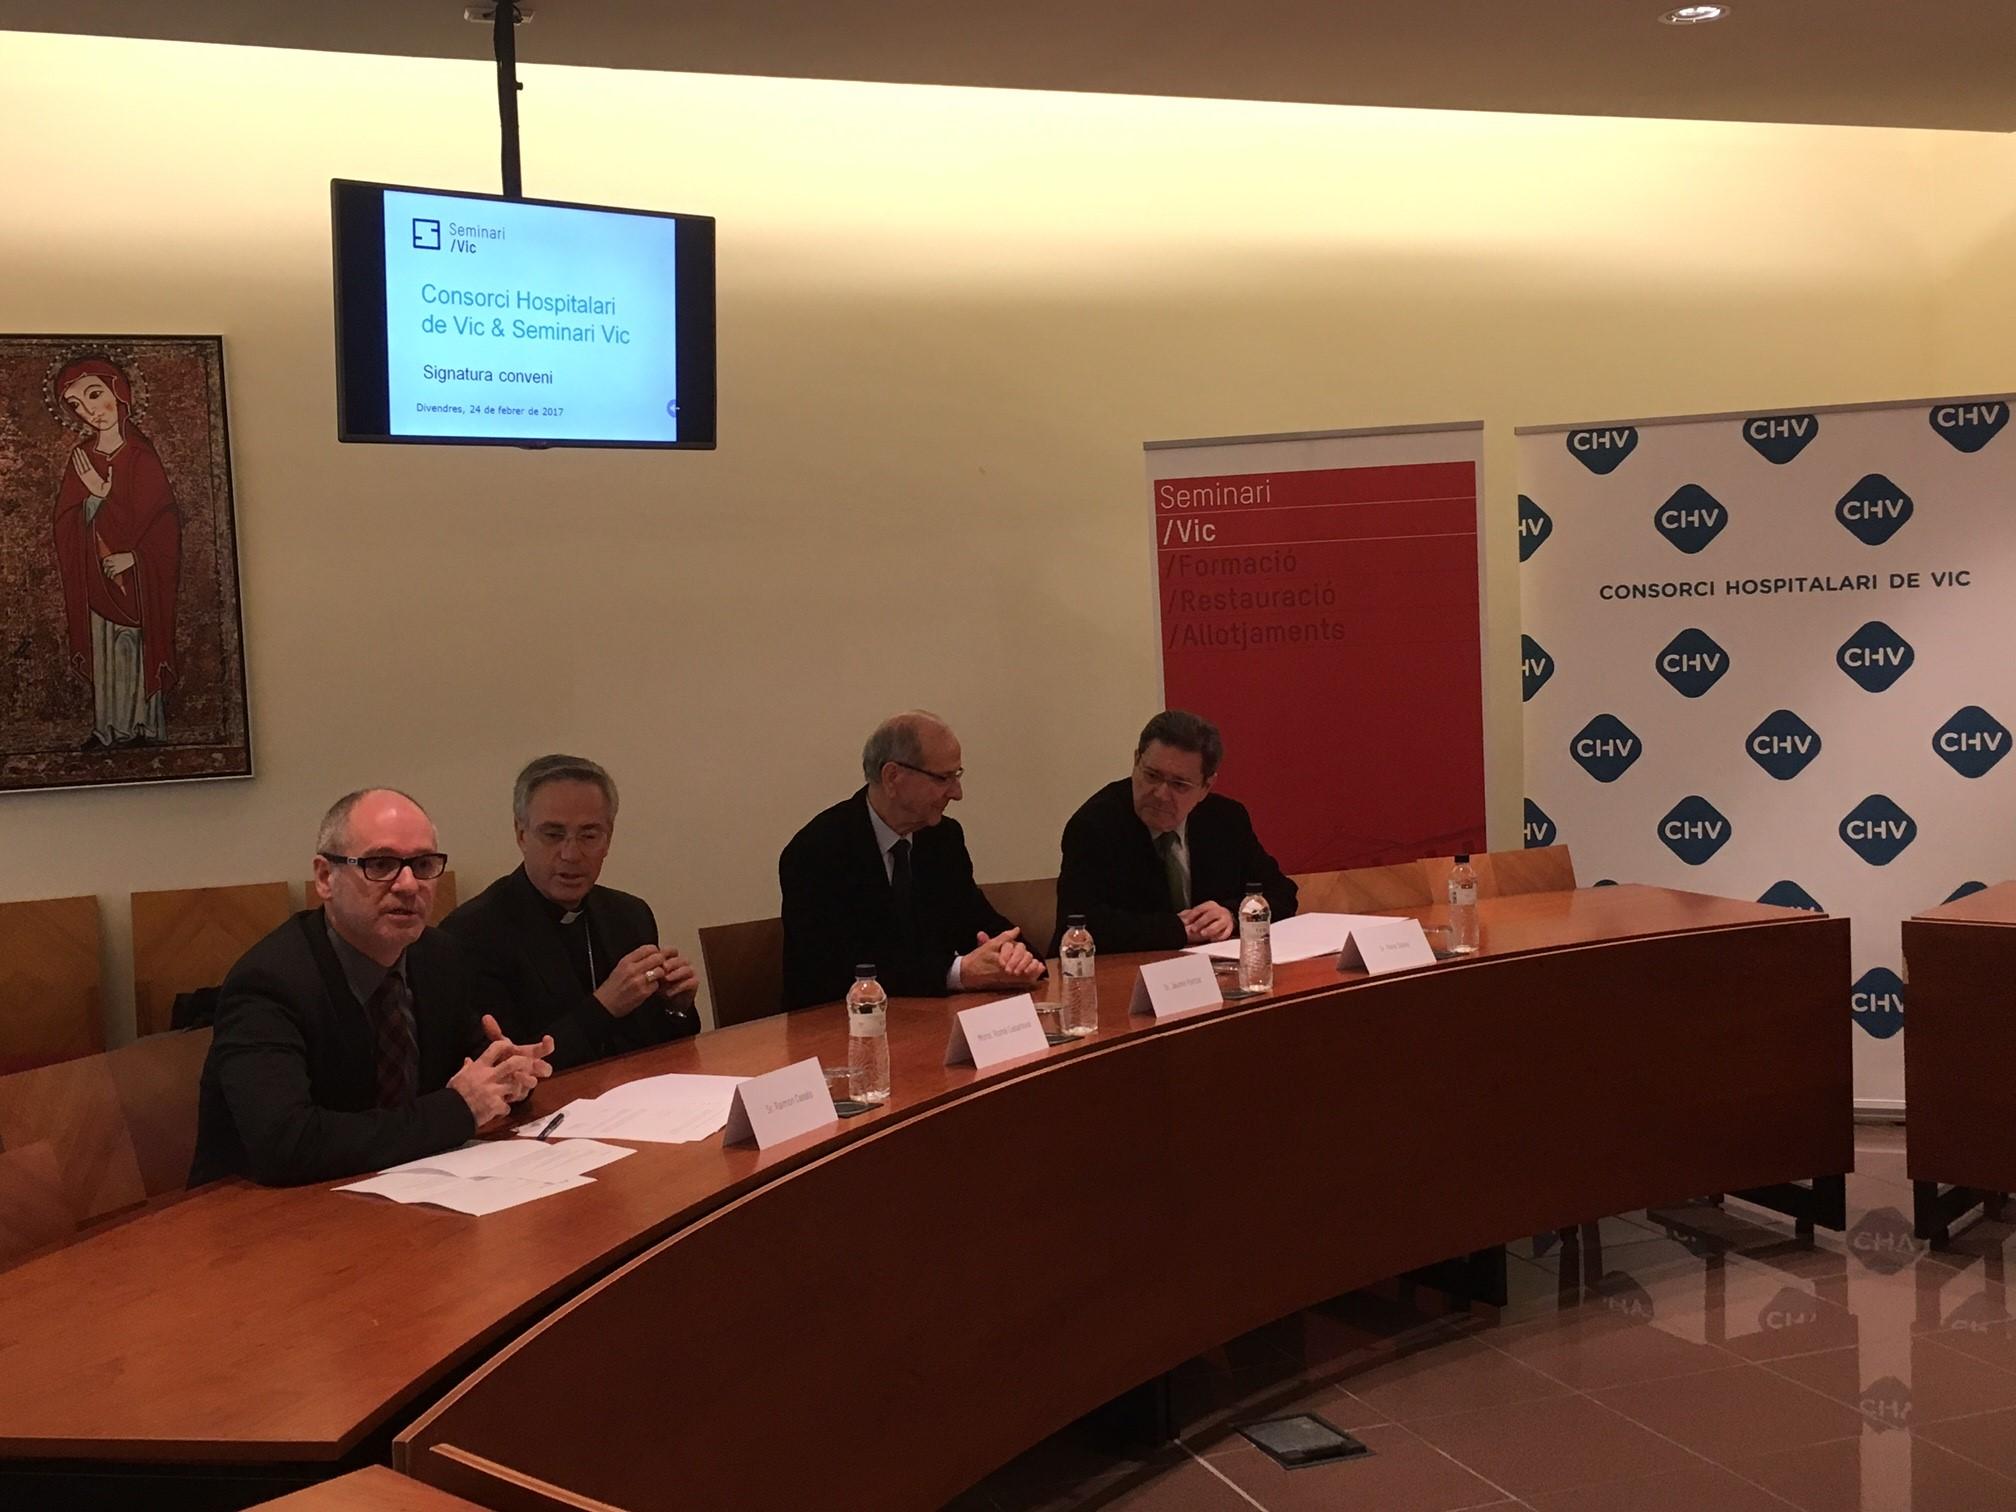 D'esquerra a dreta: El gerent del Seminari Vic, Raimon Casals; el Bisbe de Vic, Mons. Romà Casanova;  el president del CHV, Jaume Portús i el director general, Pere Soley